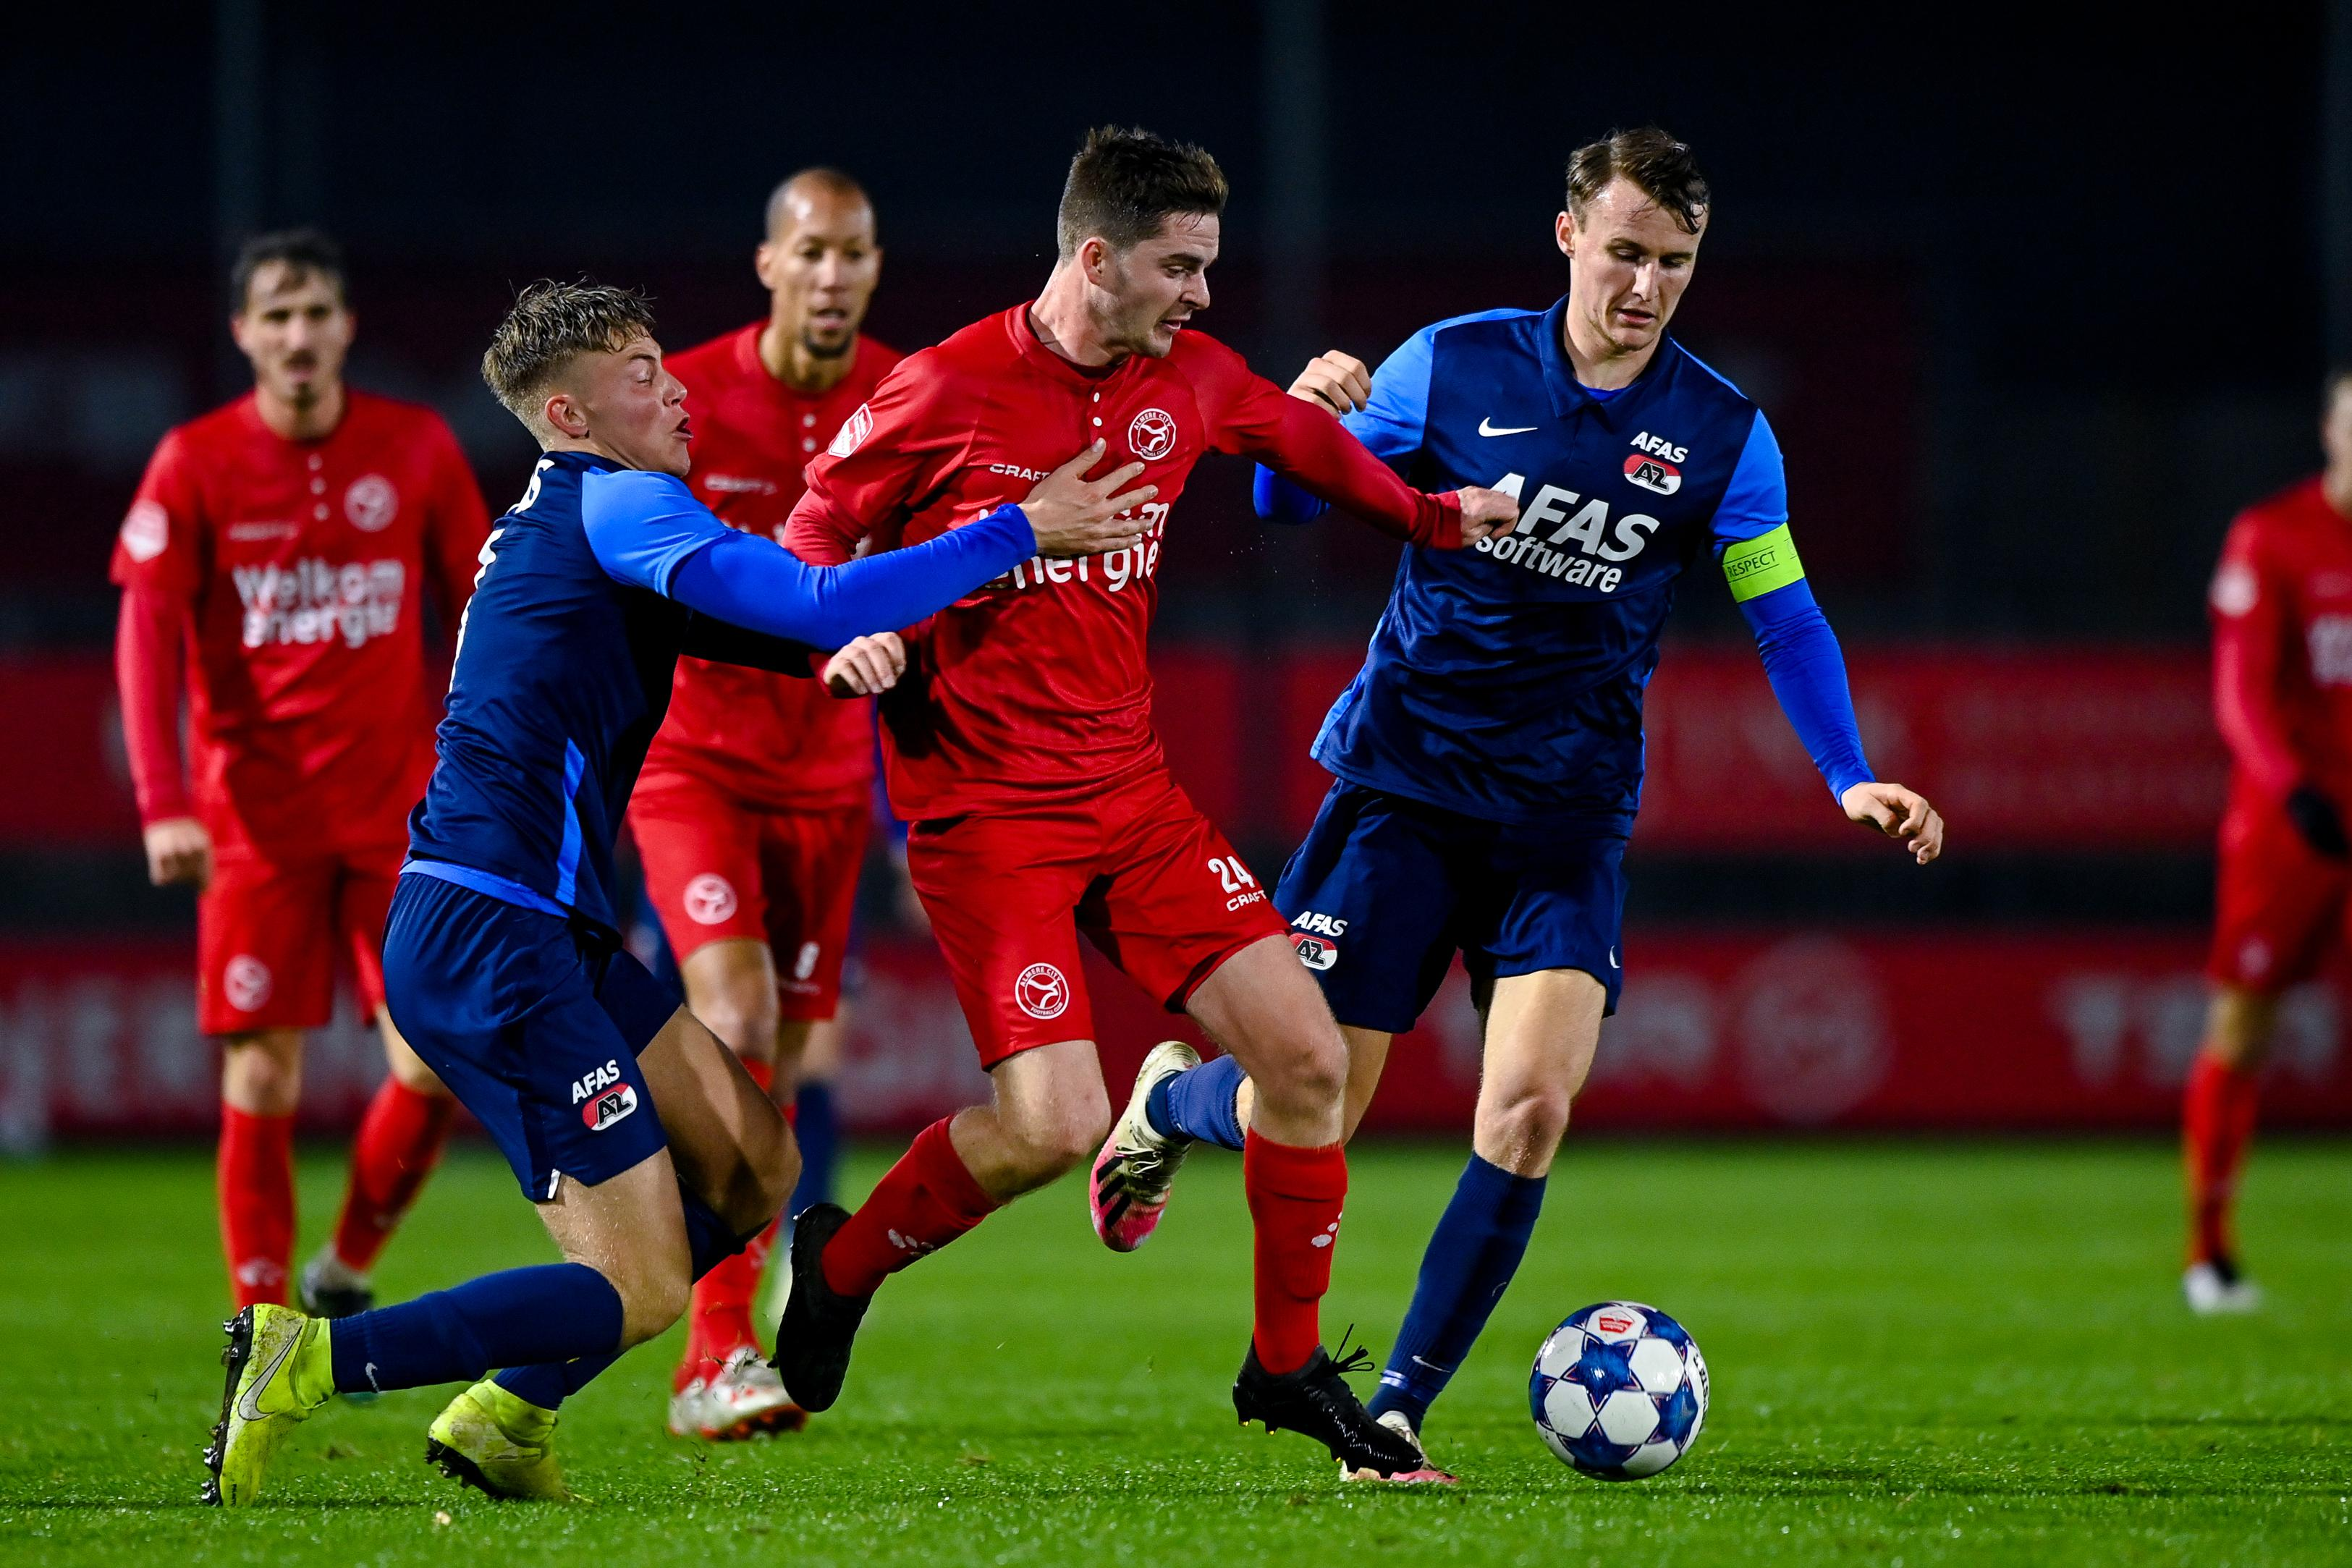 Heilooër Mees Kaandorp wil met Almere City de eredivisie in. 'Ik kan mezelf nog helemaal niet aan hem spiegelen, maar ik voetbal graag zoals Eden Hazard dat deed bij Chelsea'